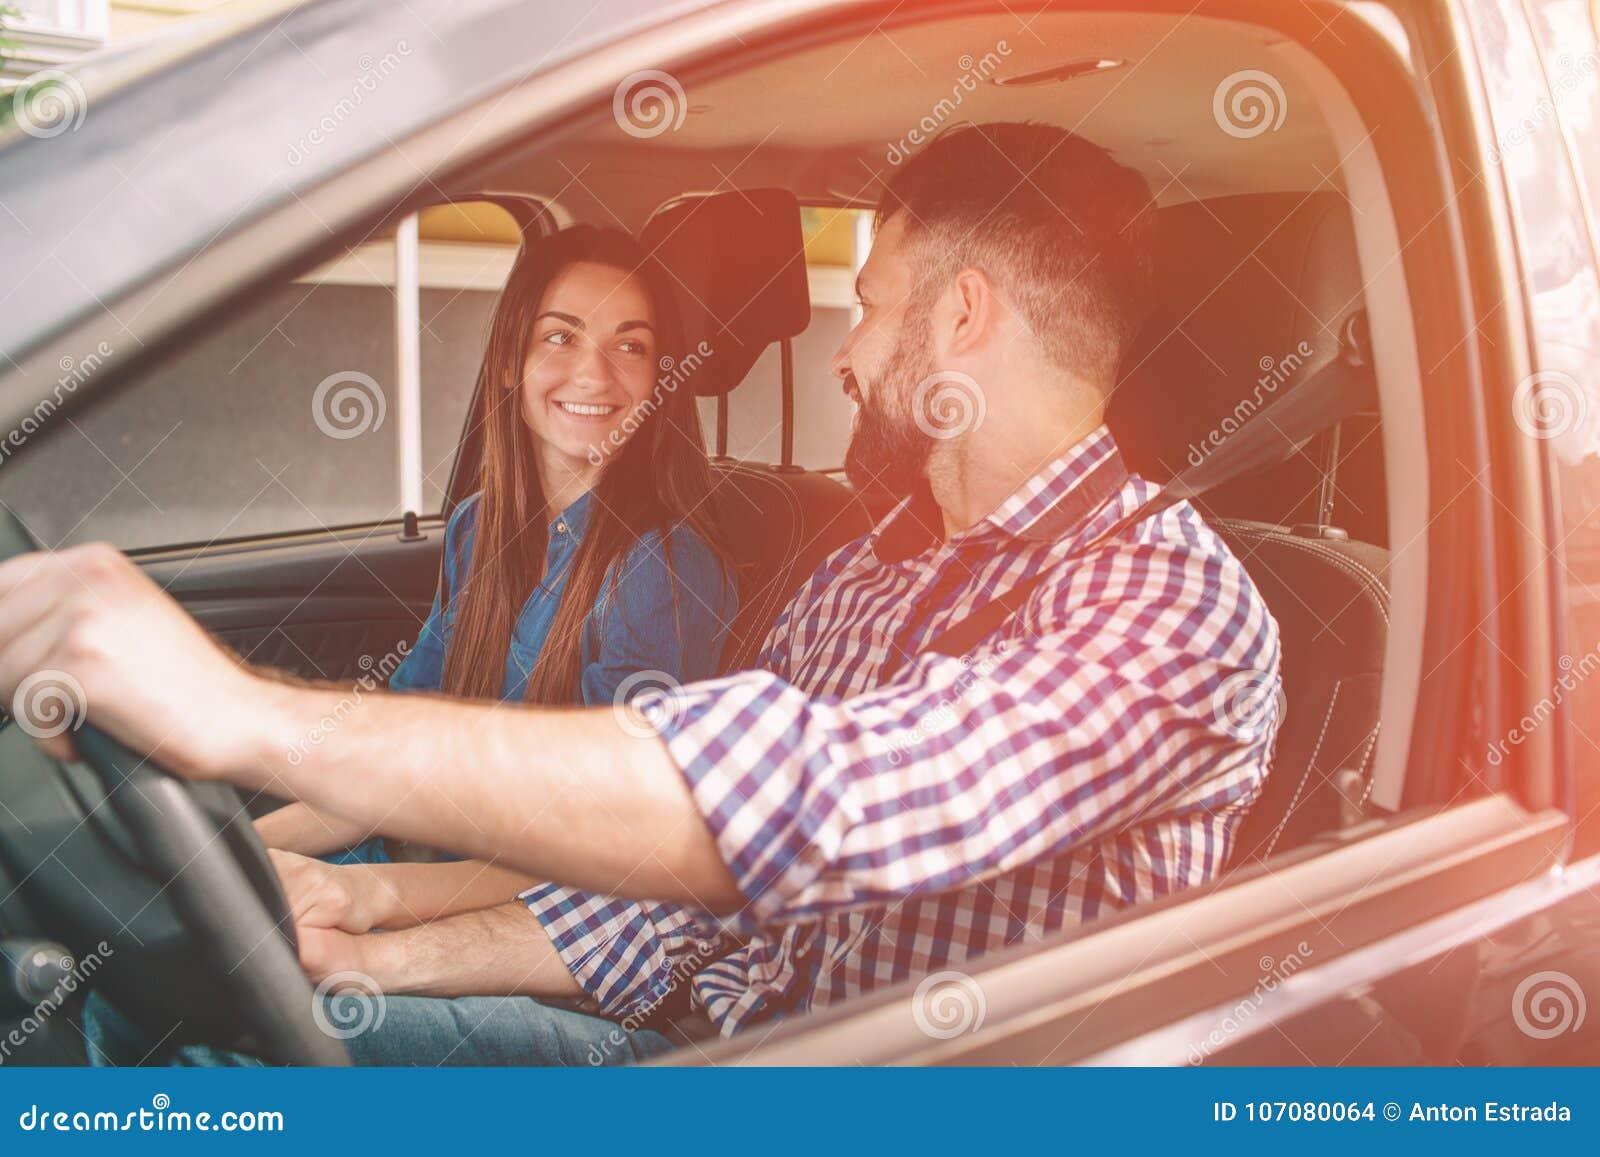 Entraînement soigneux Beaux jeunes couples se reposant sur les sièges de passager plan et souriant tandis qu homme bel conduisant